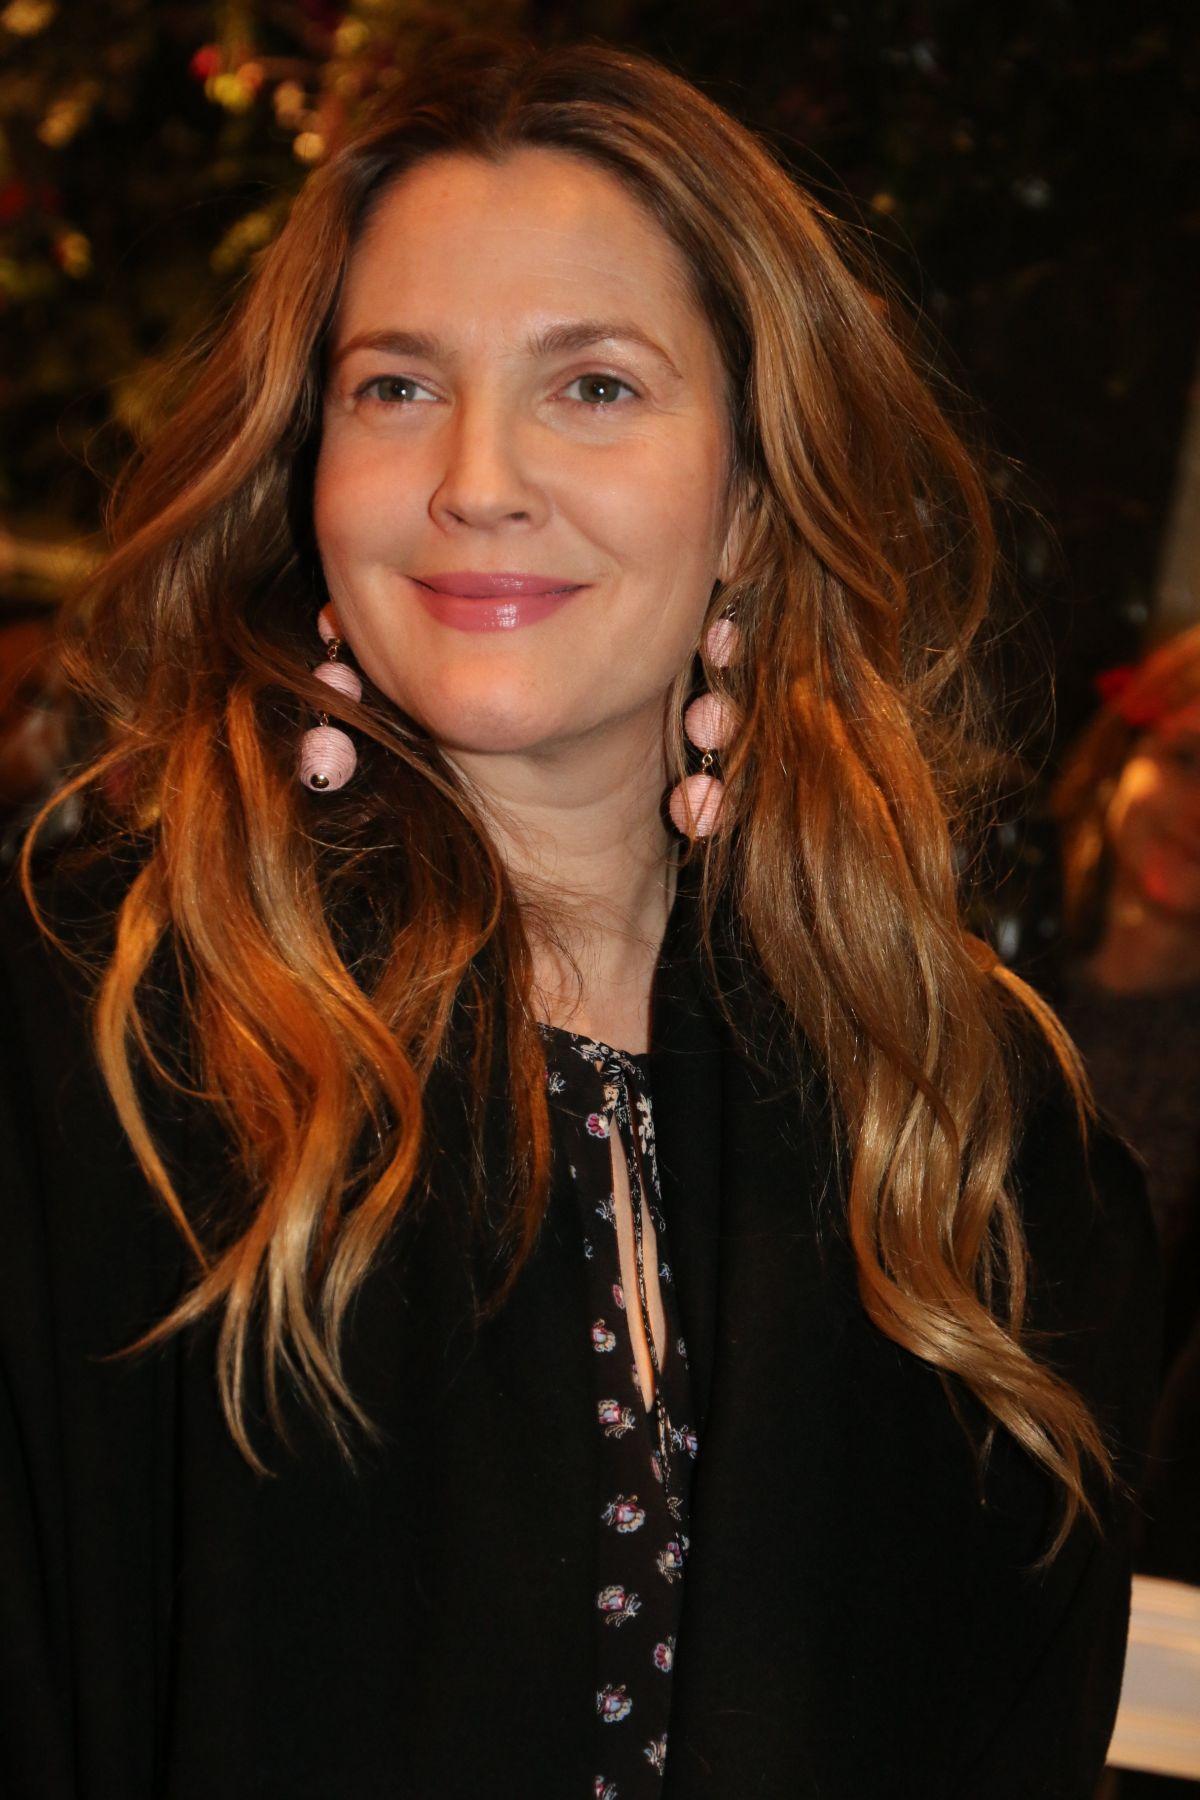 DREW BARRYMORE at Club Monaco Fashion Presentation in New ... Drew Barrymore